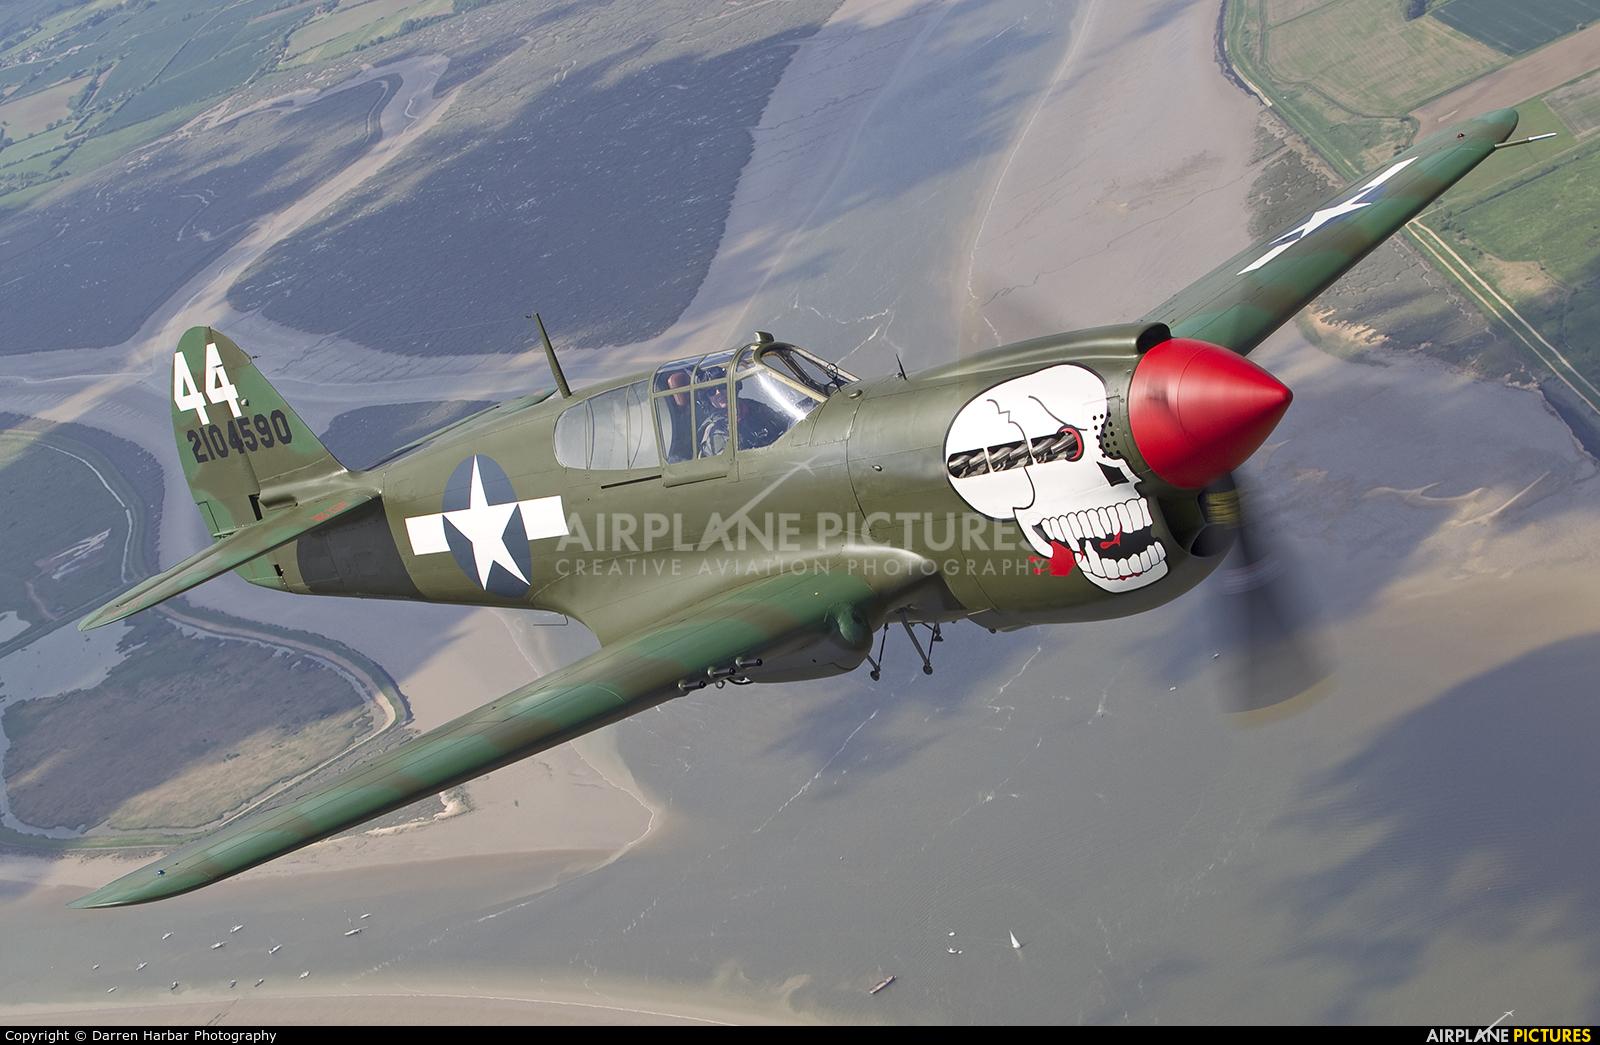 43-5802 aircraft at North Weald